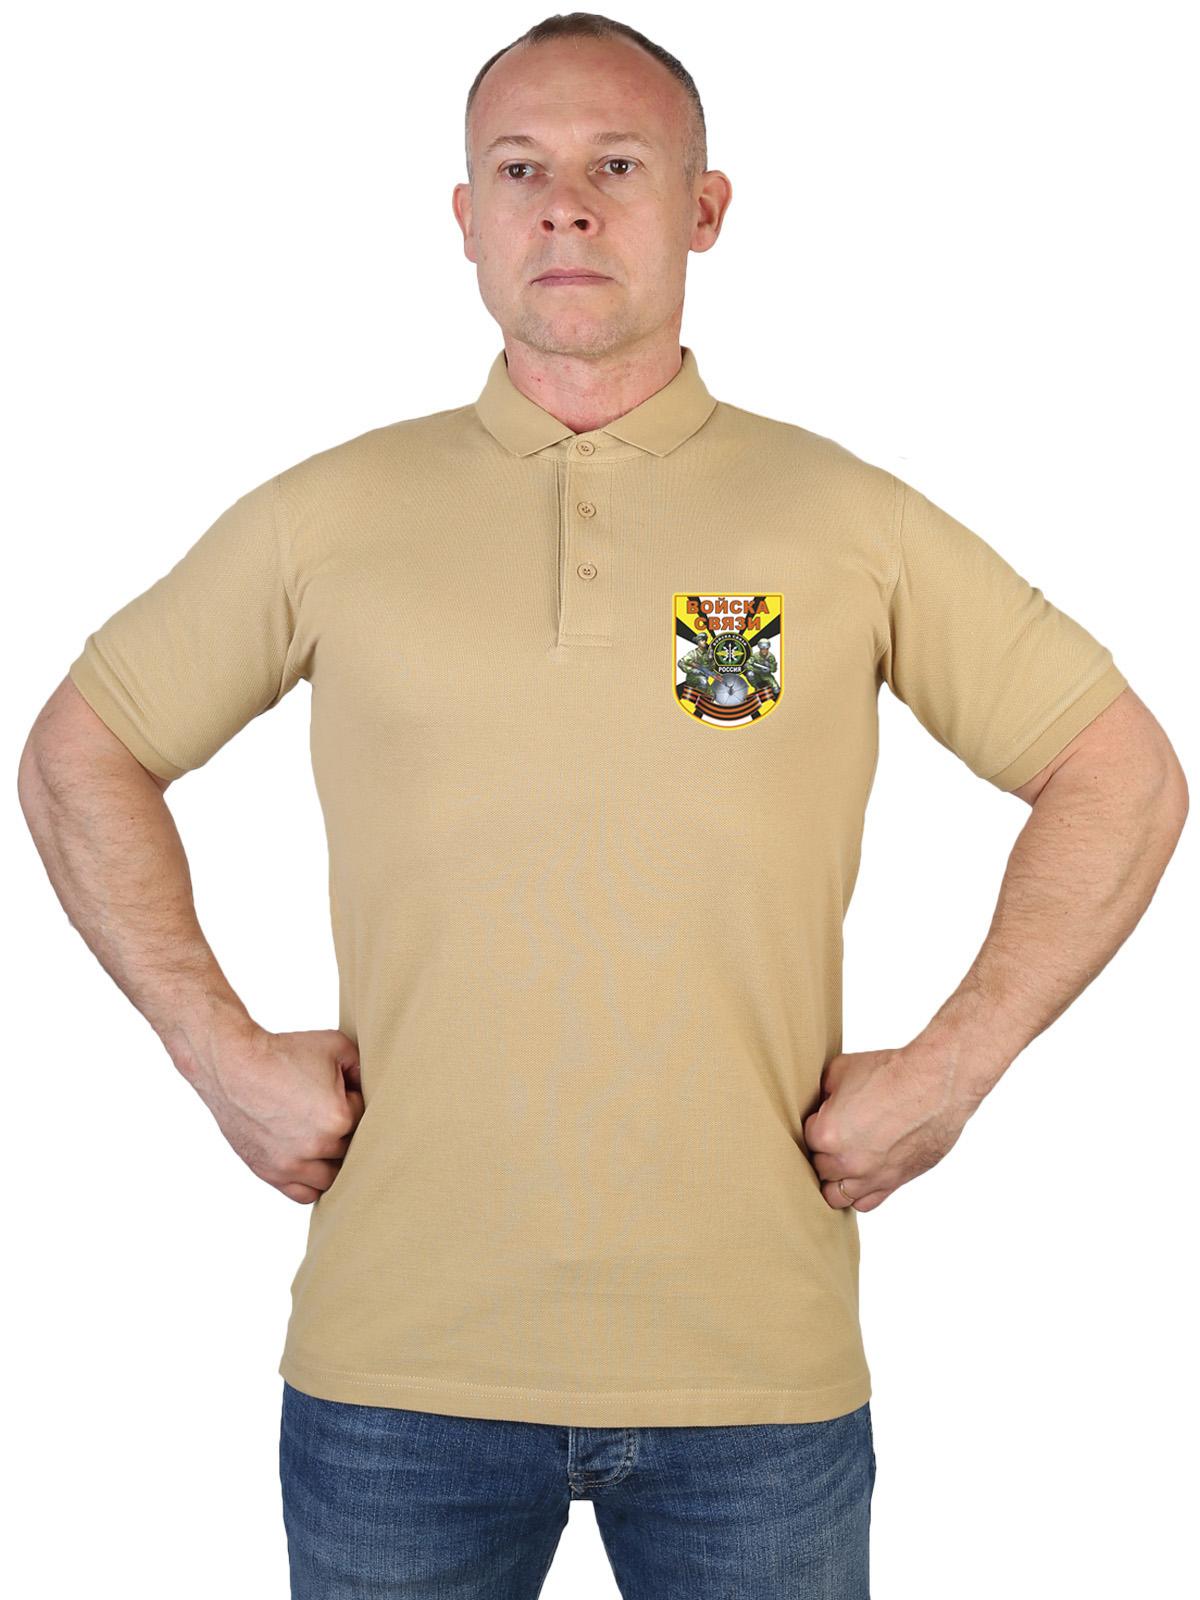 Купить песочную оригинальную футболку-поло с термонаклейкой Войска Связи с доставкой